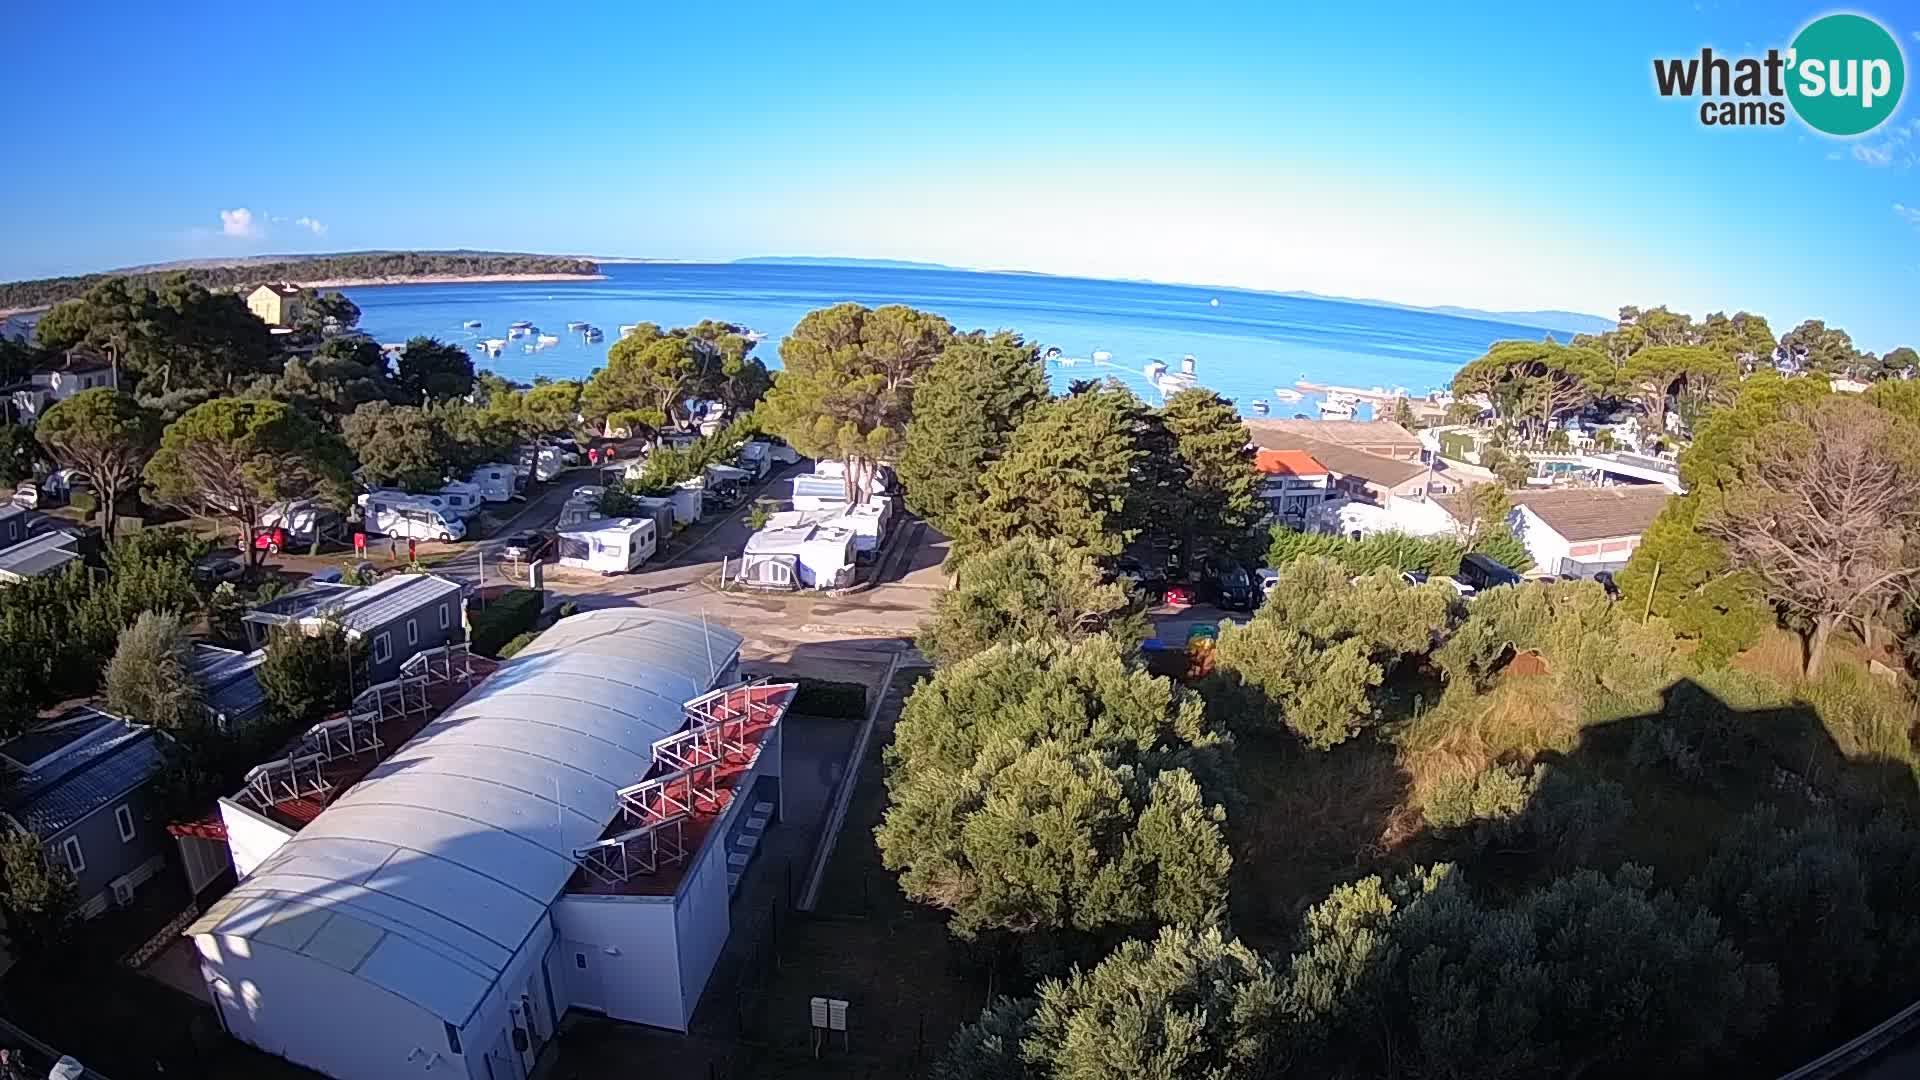 Banjol Webcam Rab island – Deltas Apartments